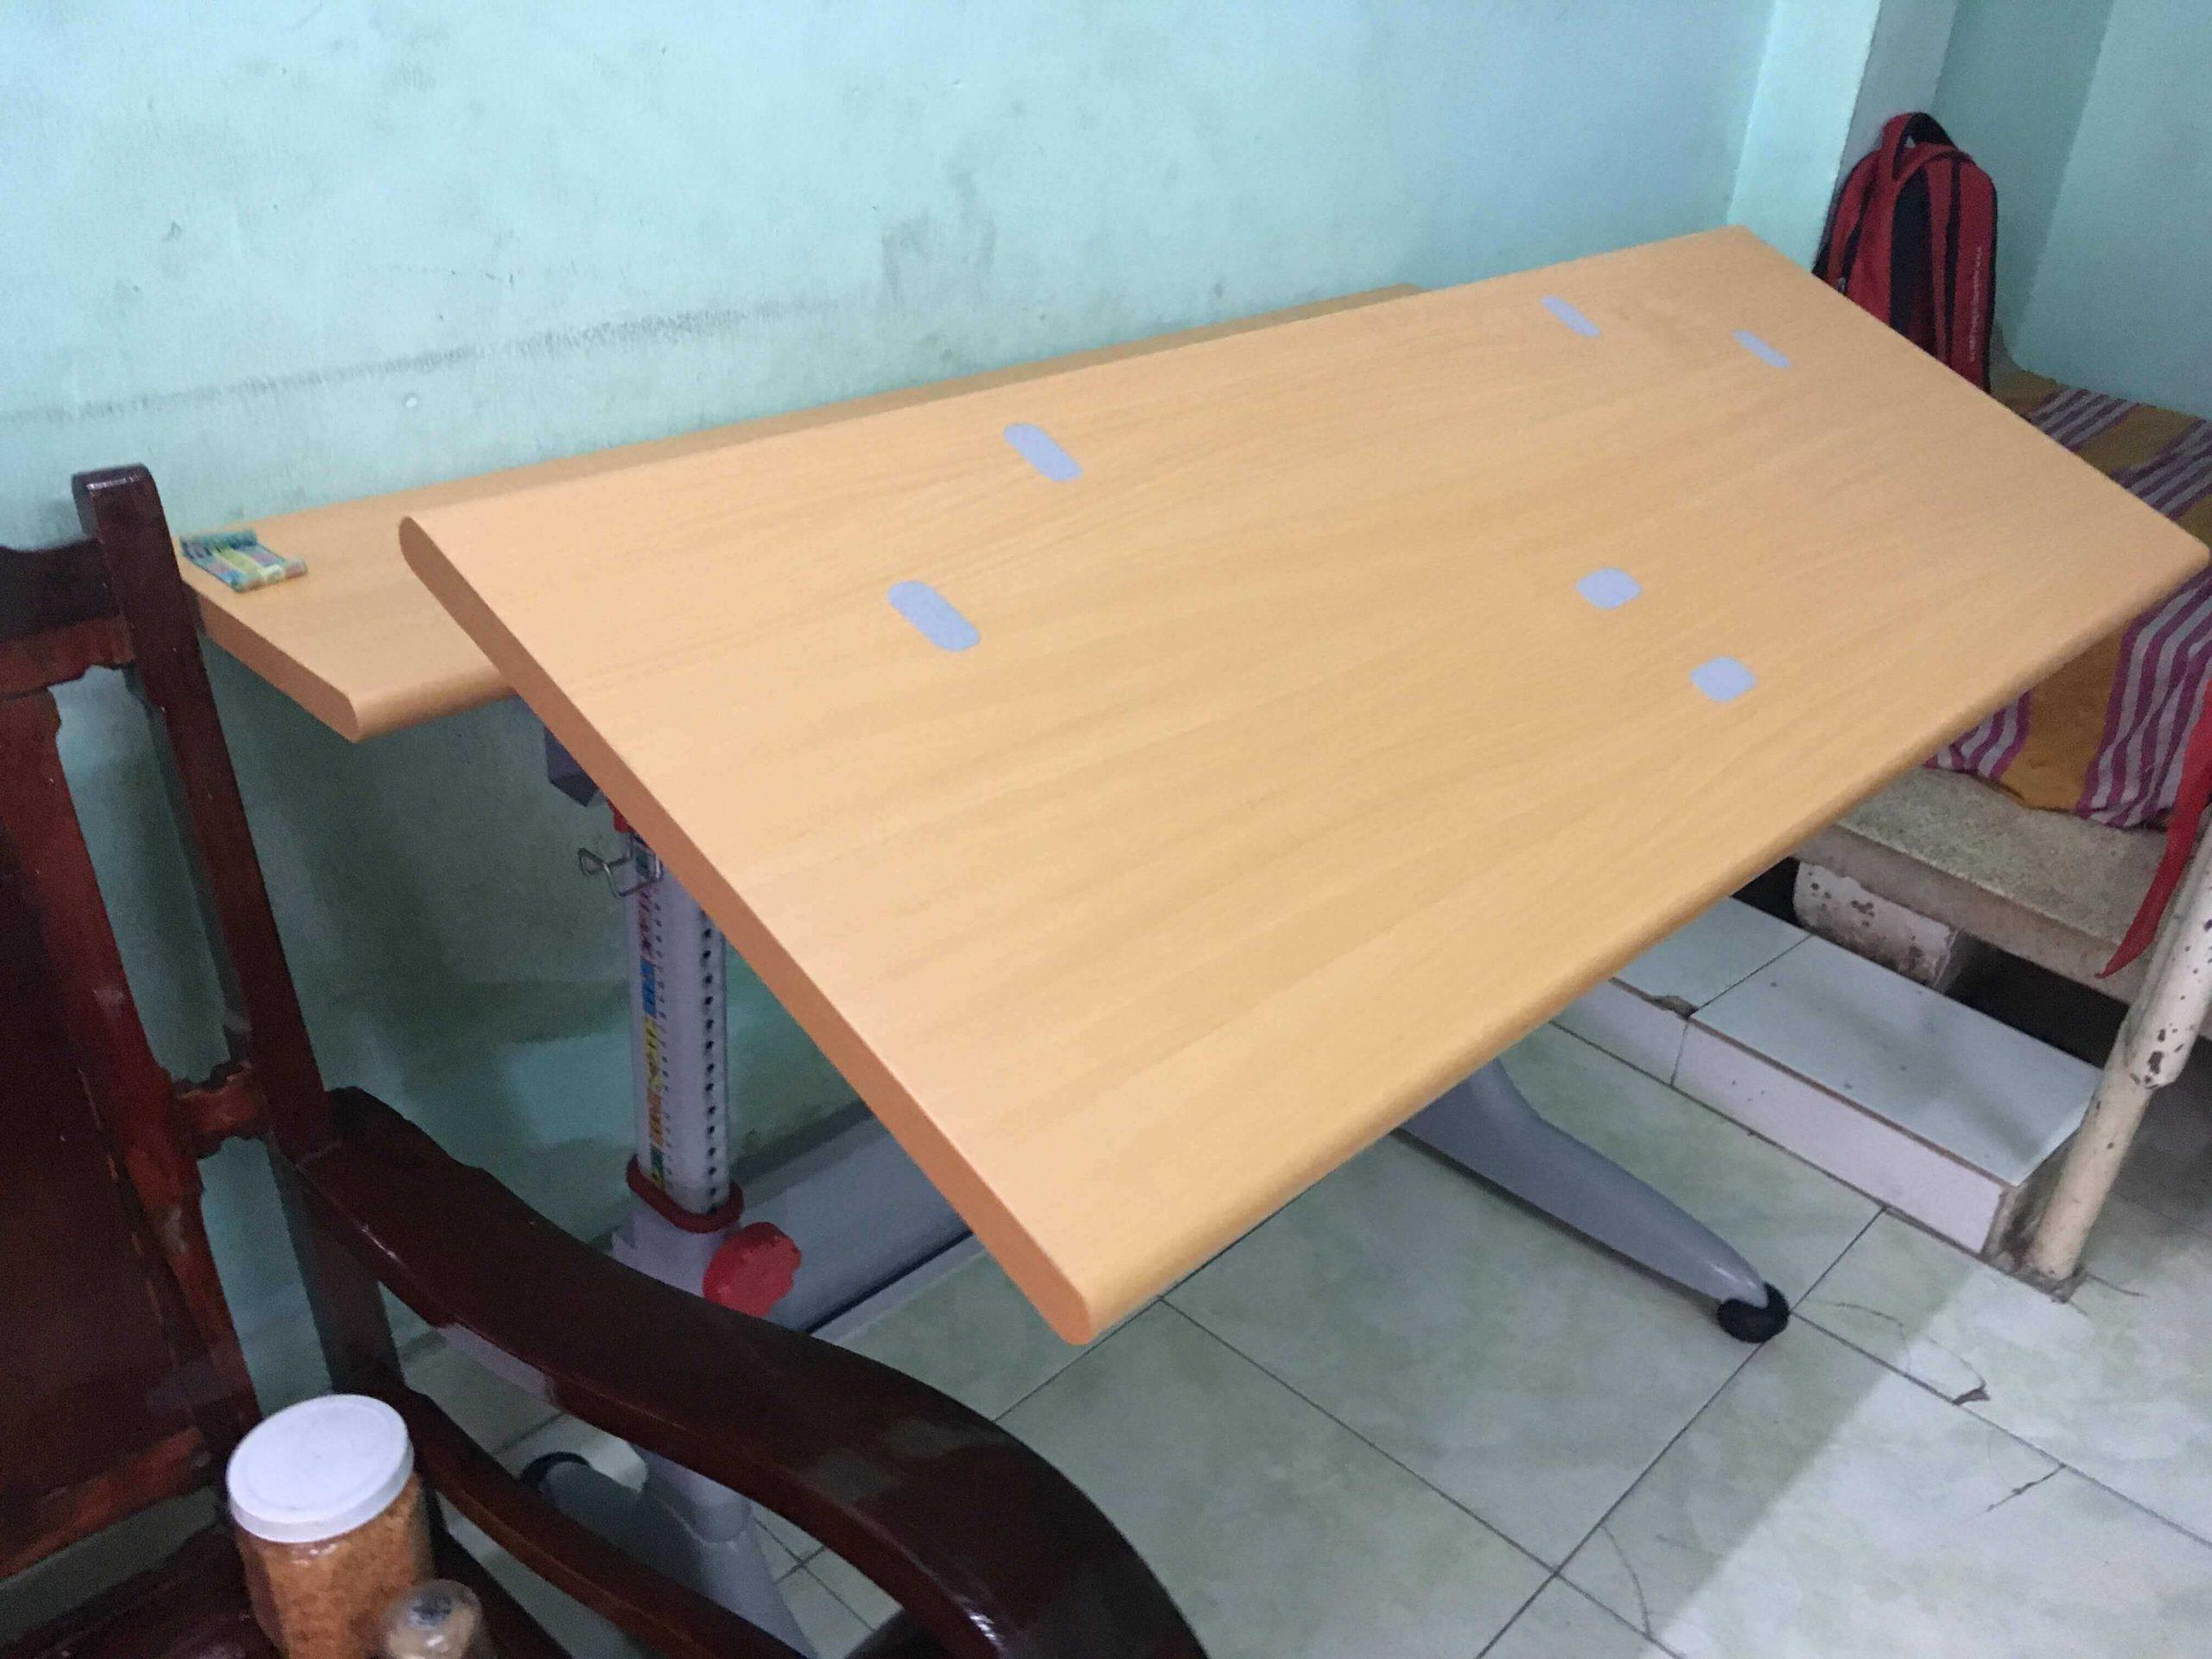 bàn học sinh đẹp giá rẻ tại hcm